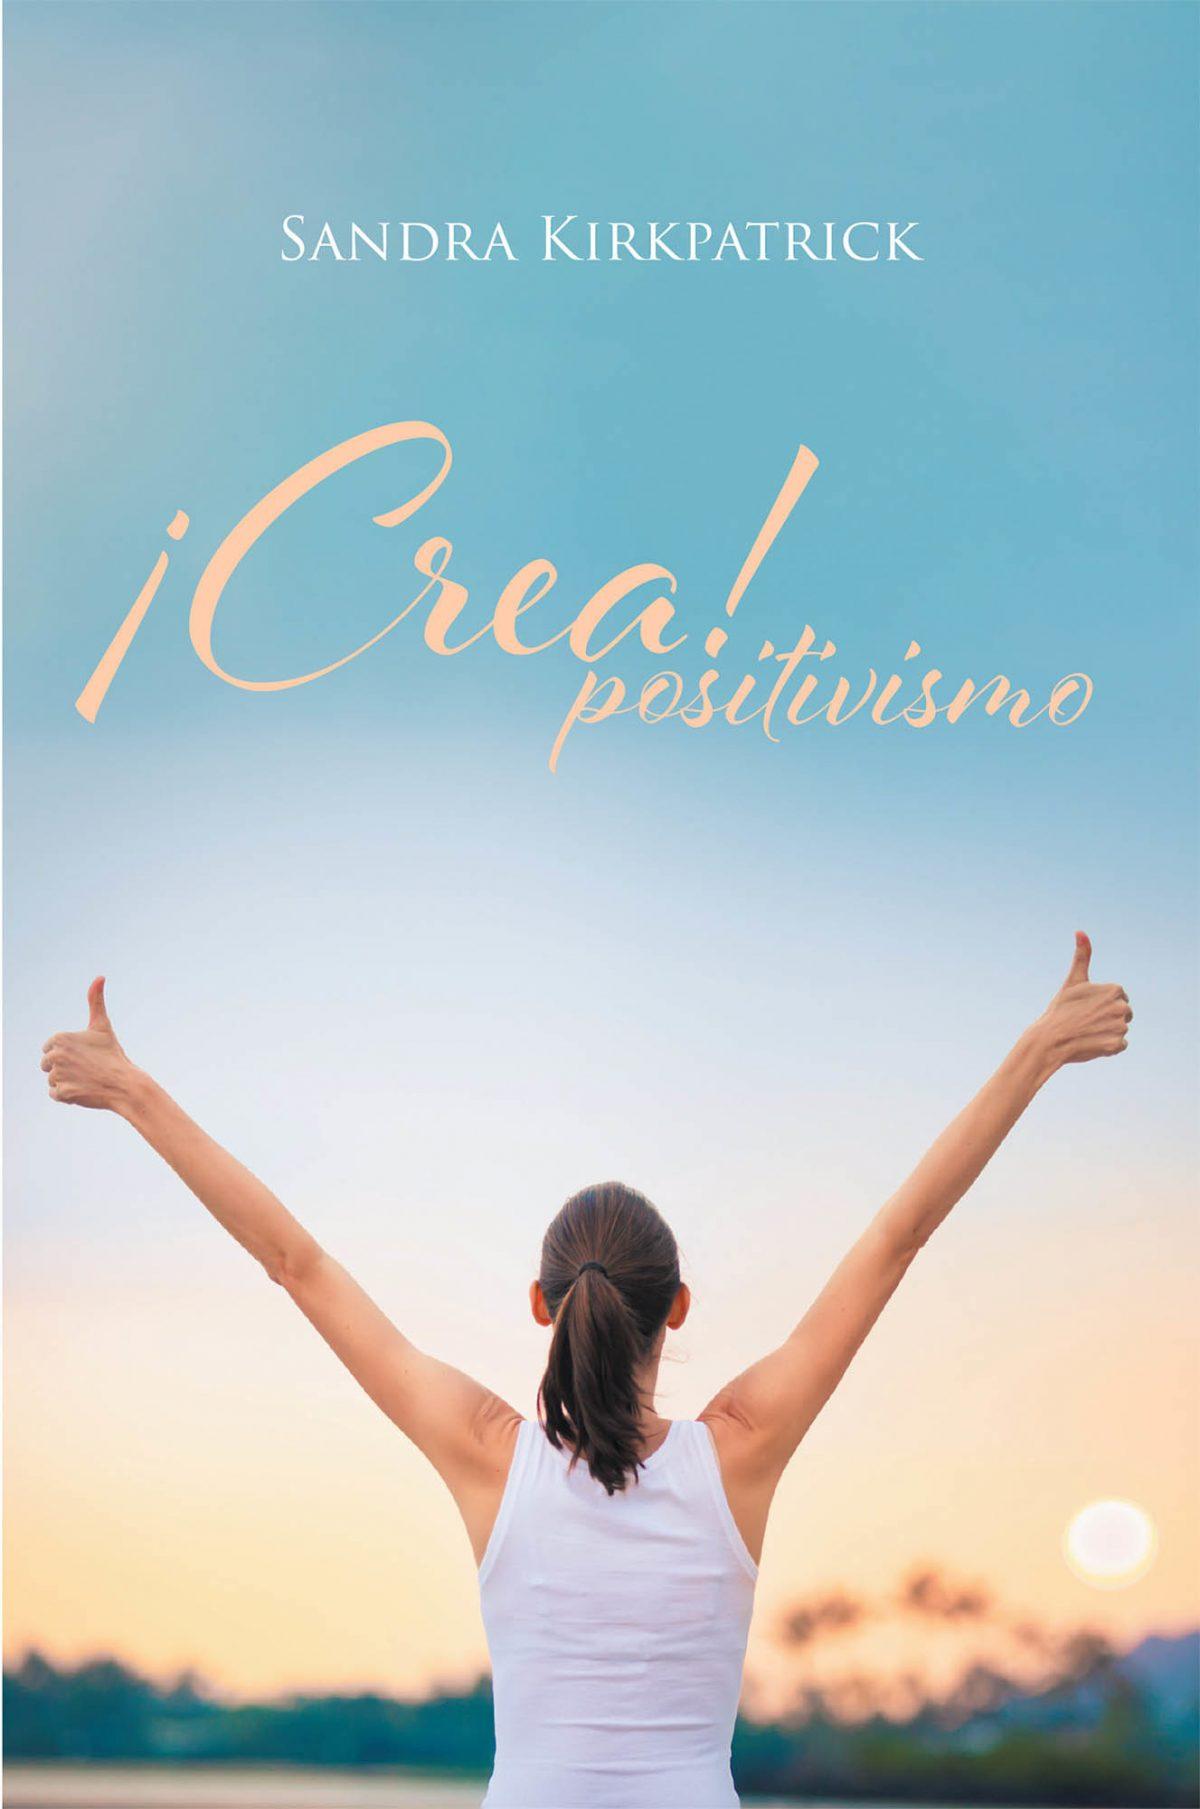 El Nuevo Libro De Sandra Kirkpatrick, ¡Crea! Positivismo, Una Guía Maravillosa Que Te Ayudará A Superarte Como Persona